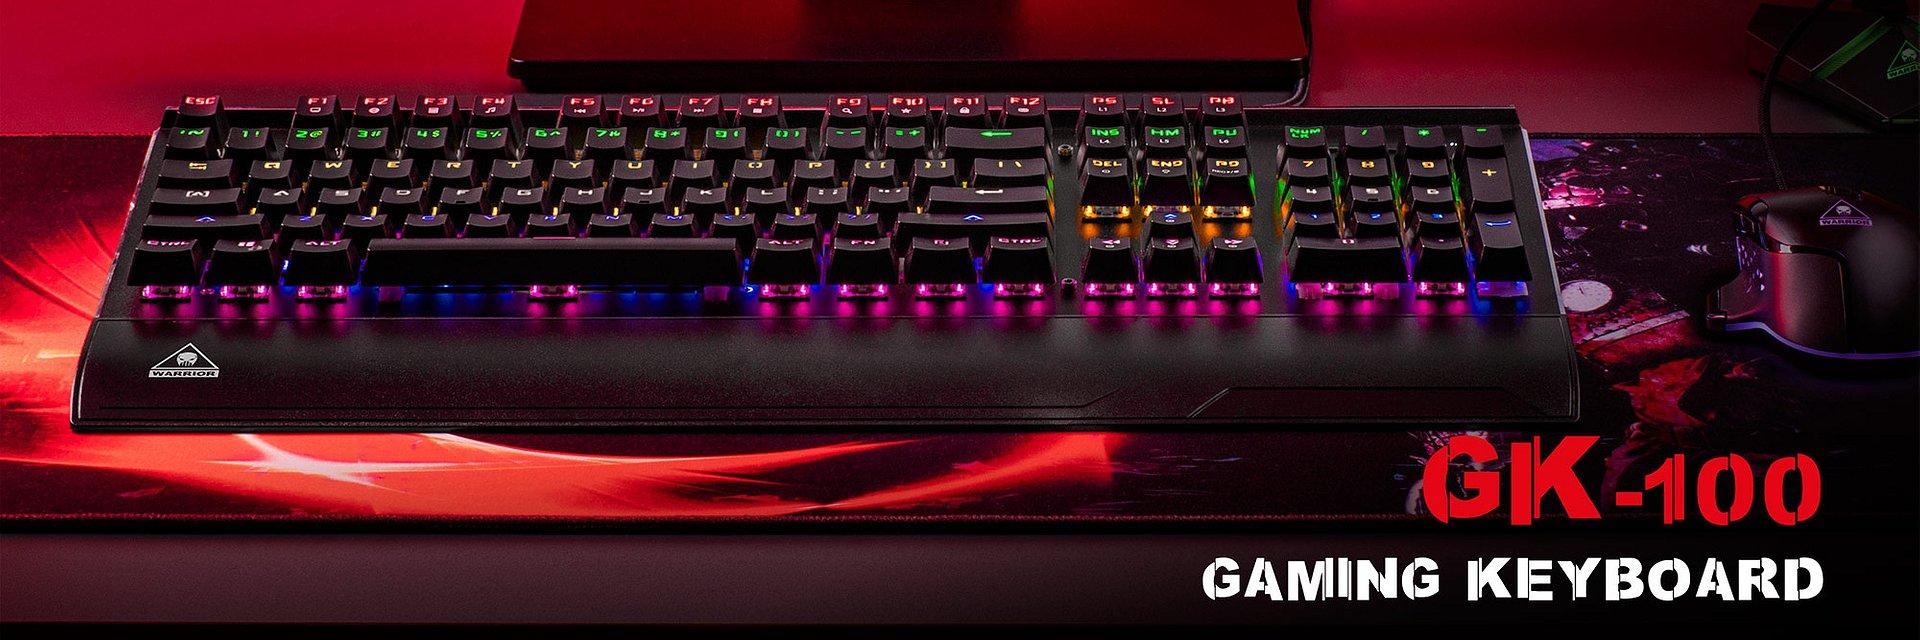 Klawiatura Kruger&Matz Warrior GK-100 dla fanów gamingu